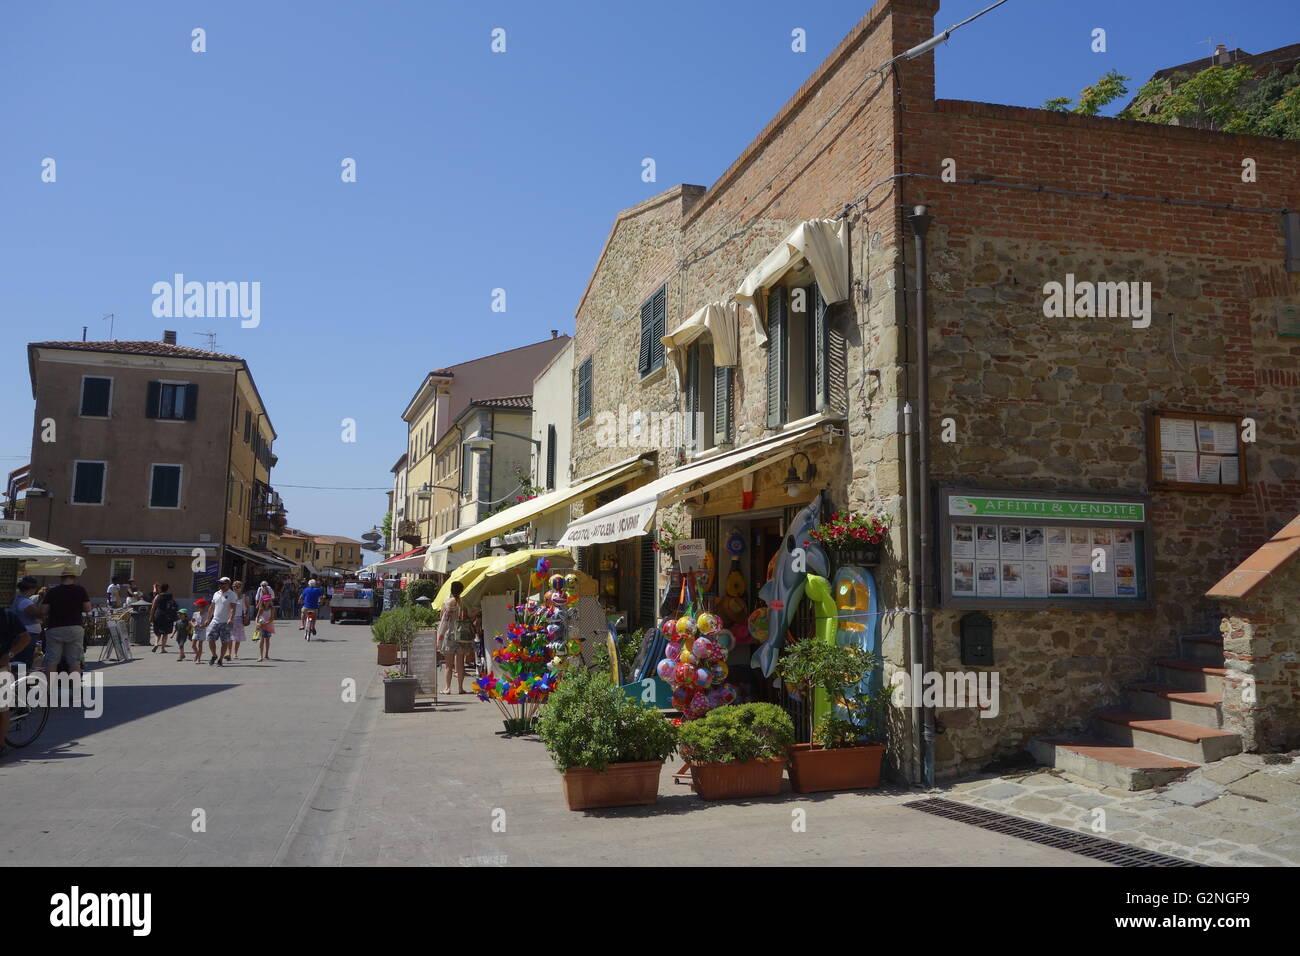 The pretty seaside town of Castiglione della Pescaia in the province of Grosseto, Tuscany Italy. Stock Photo